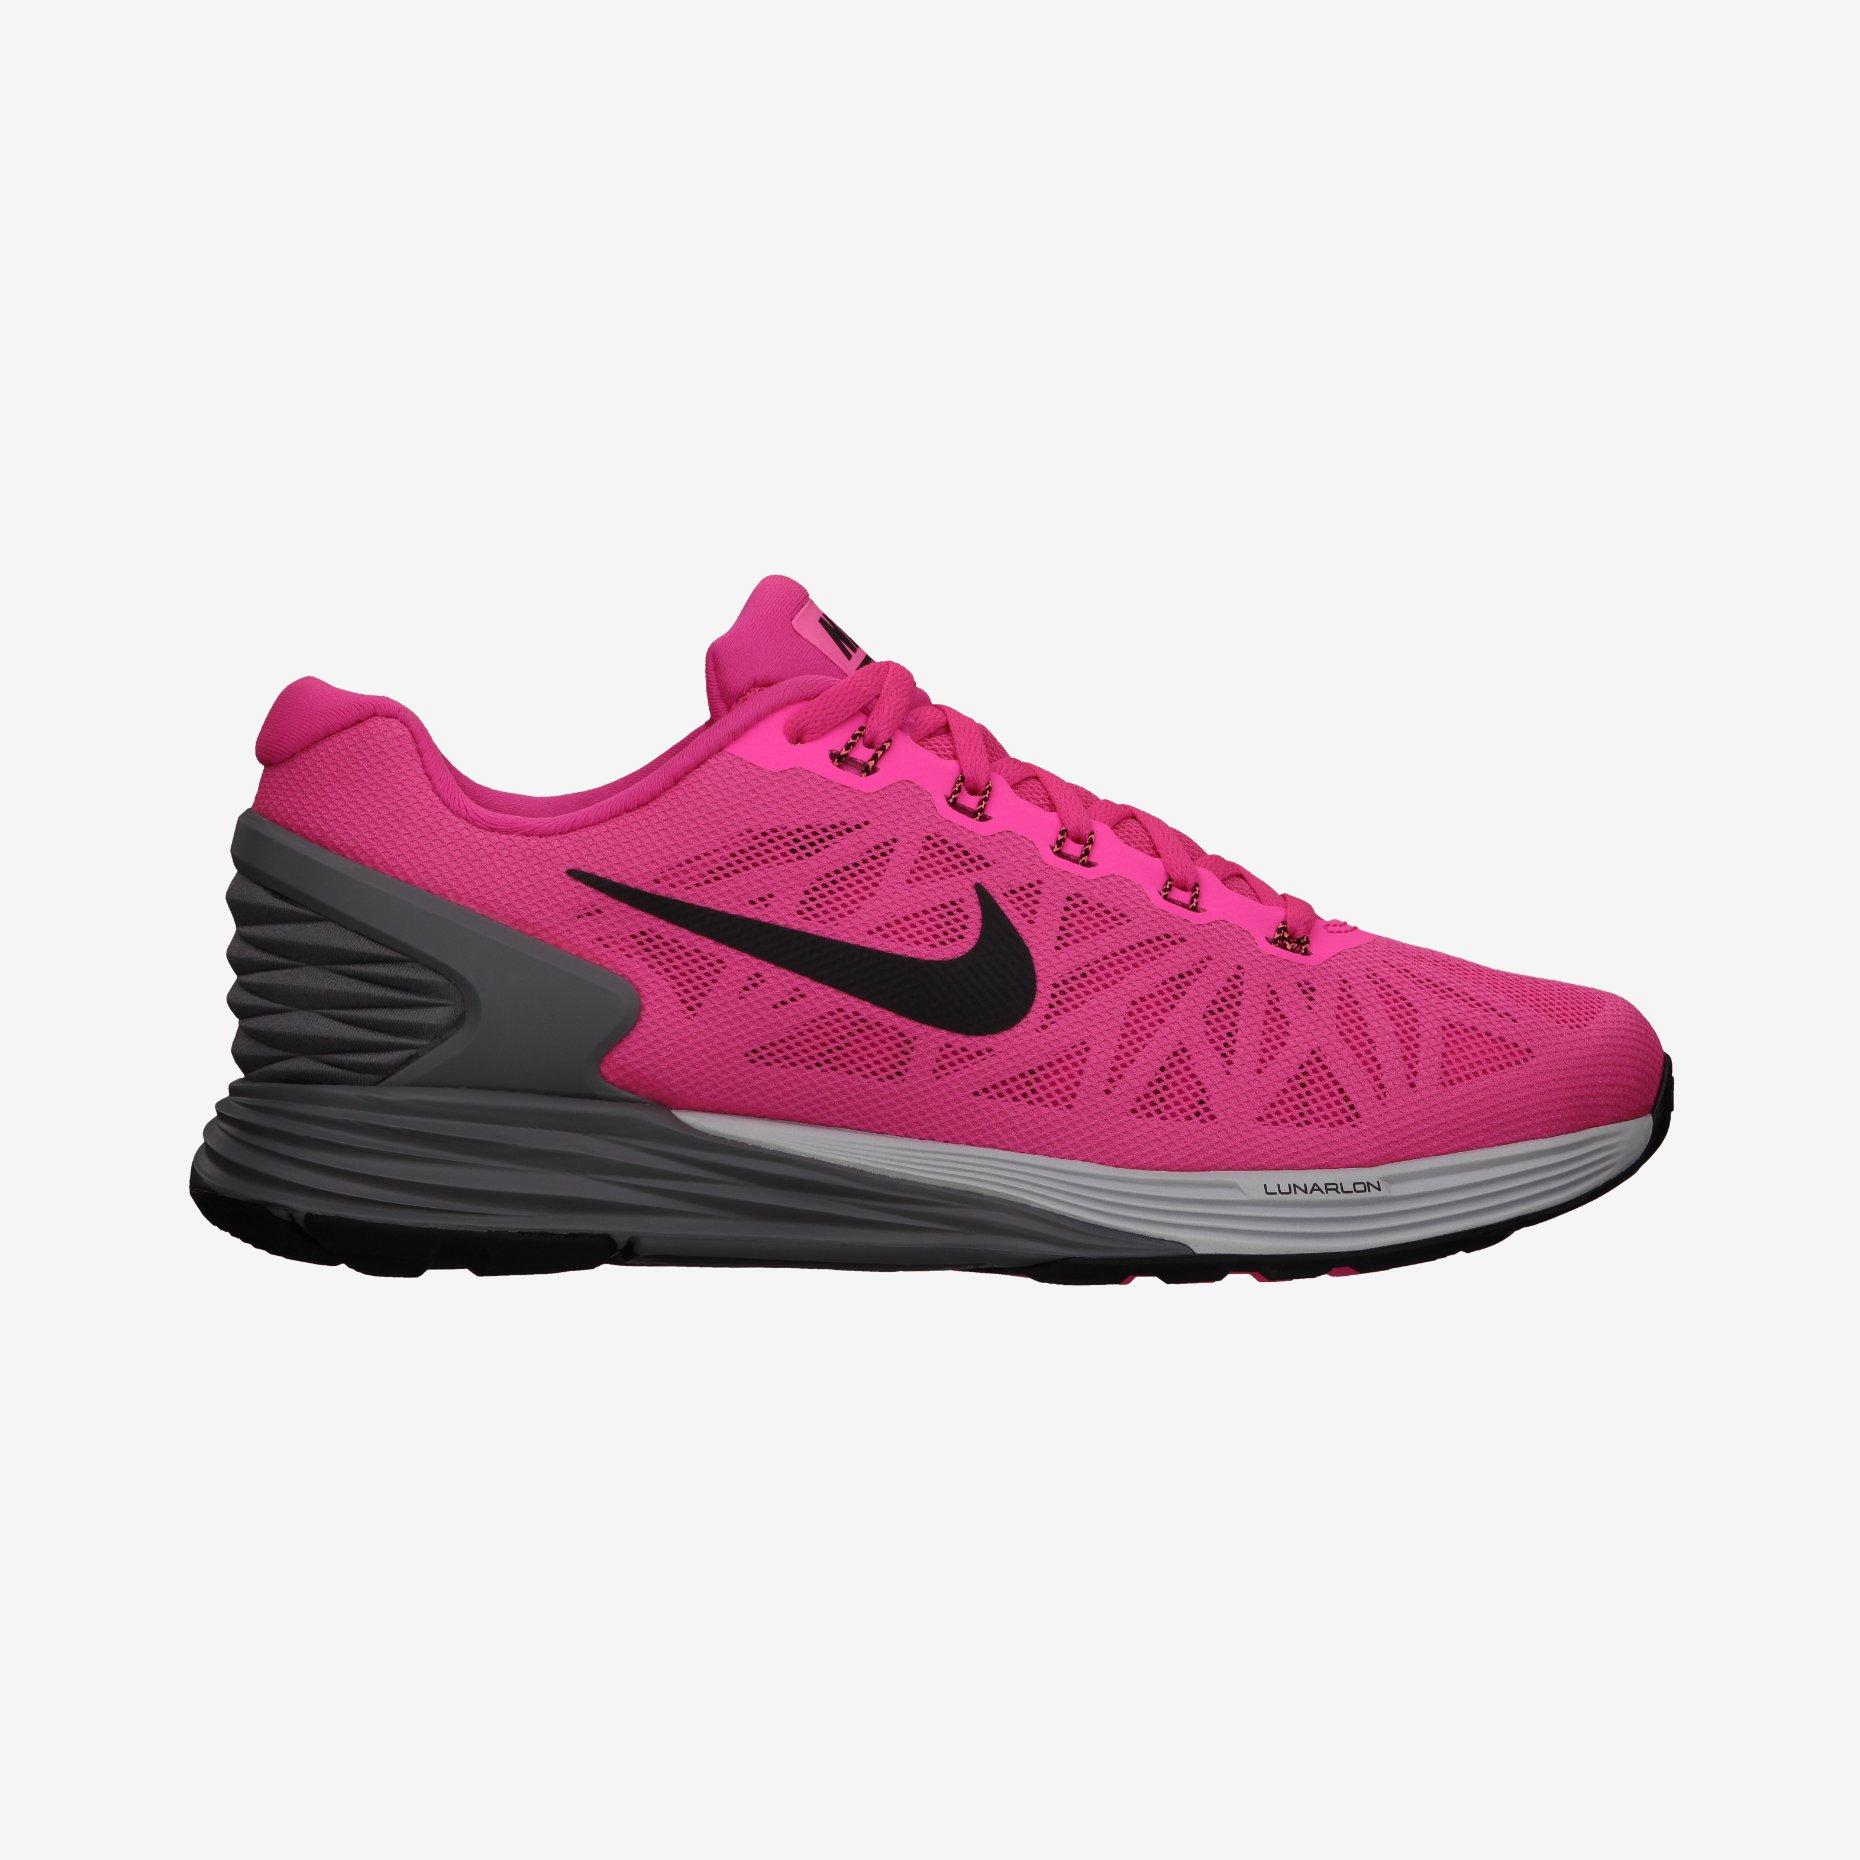 new styles 75edc dacb2 Chaussures de Running Femme Nike LUNARGLIDE 6 Rose   Noir